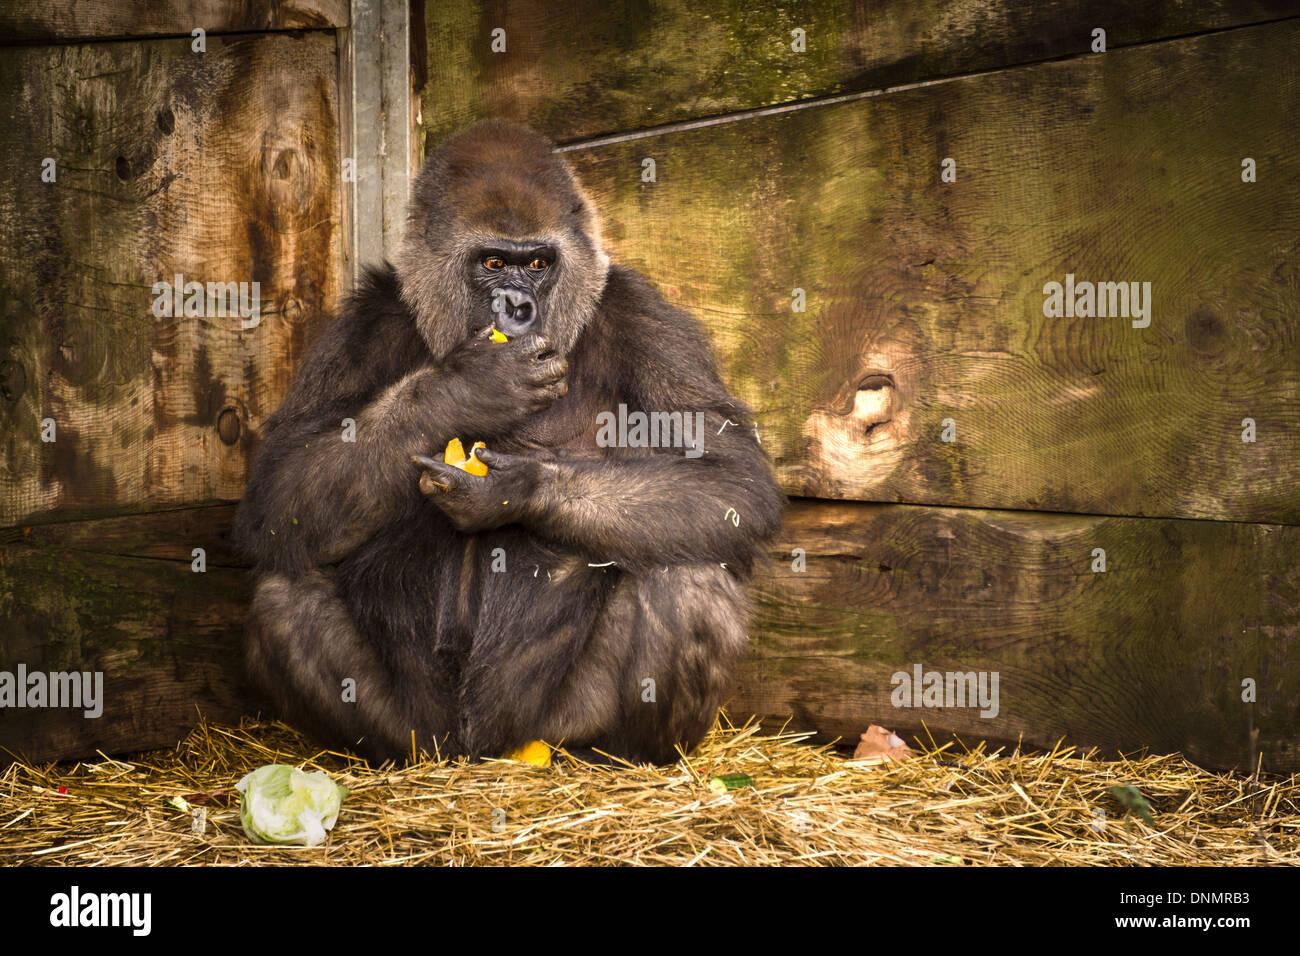 Ein Gefangener weiblichen Gorilla im Zoo von Bristol in England. Stockbild